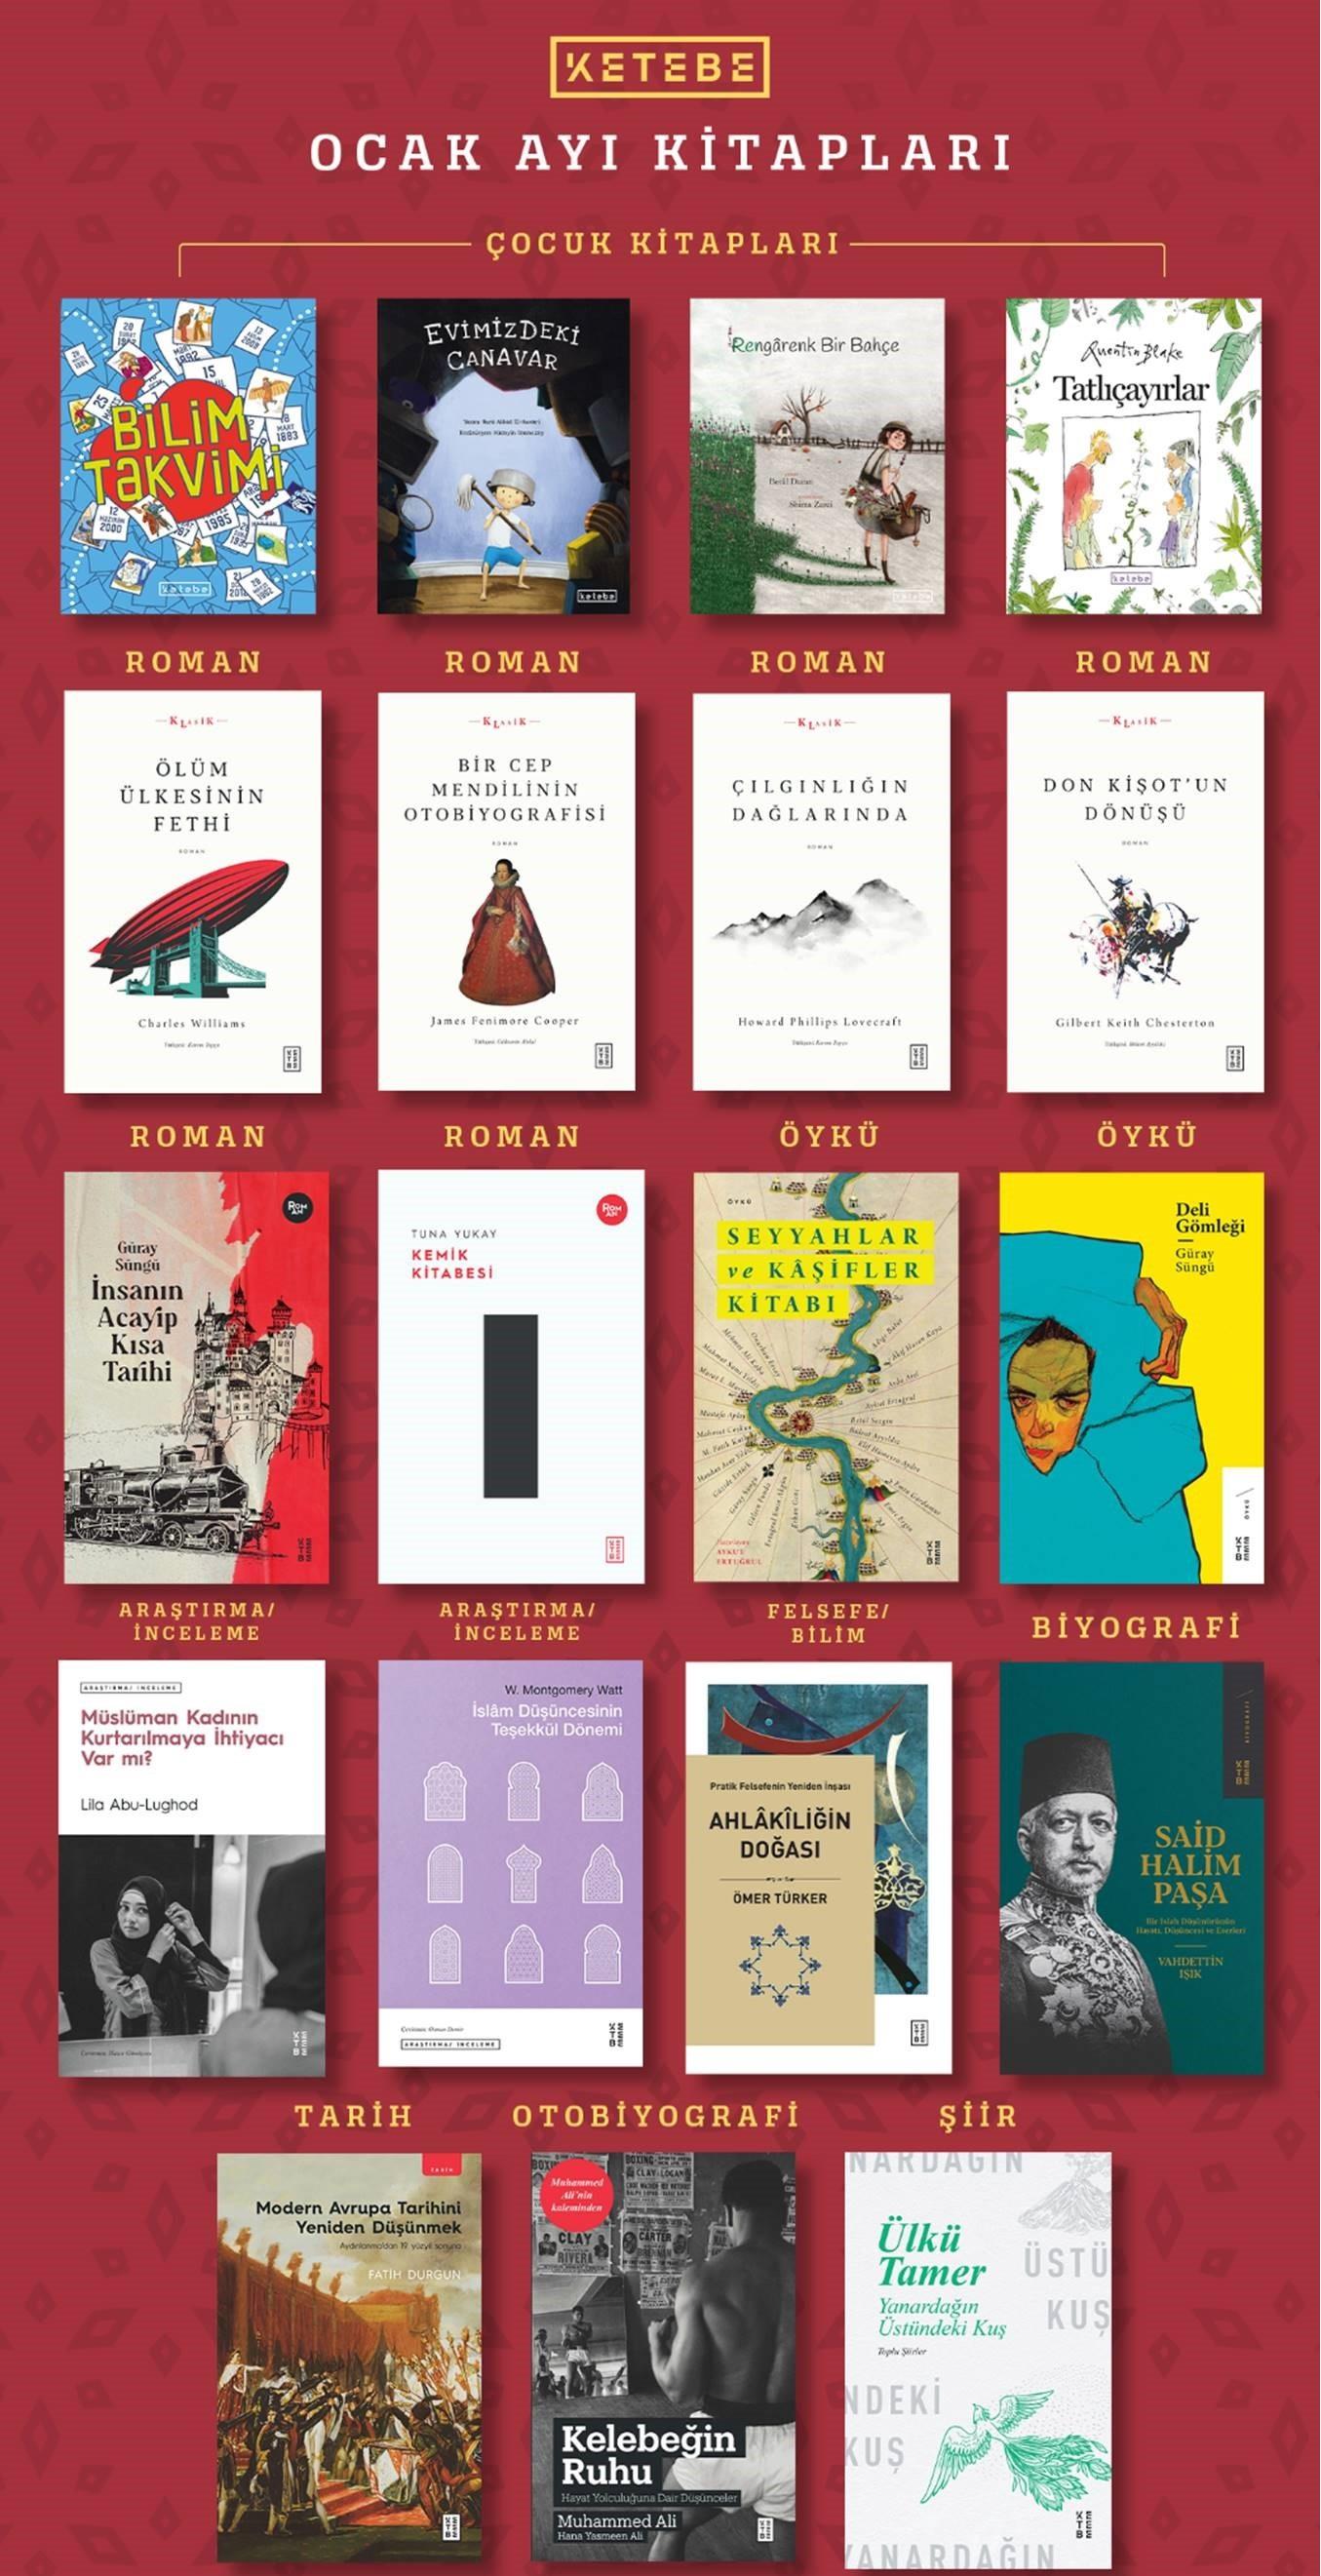 Ketebe-Ocak-21-Kitapları.jpg (677 KB)